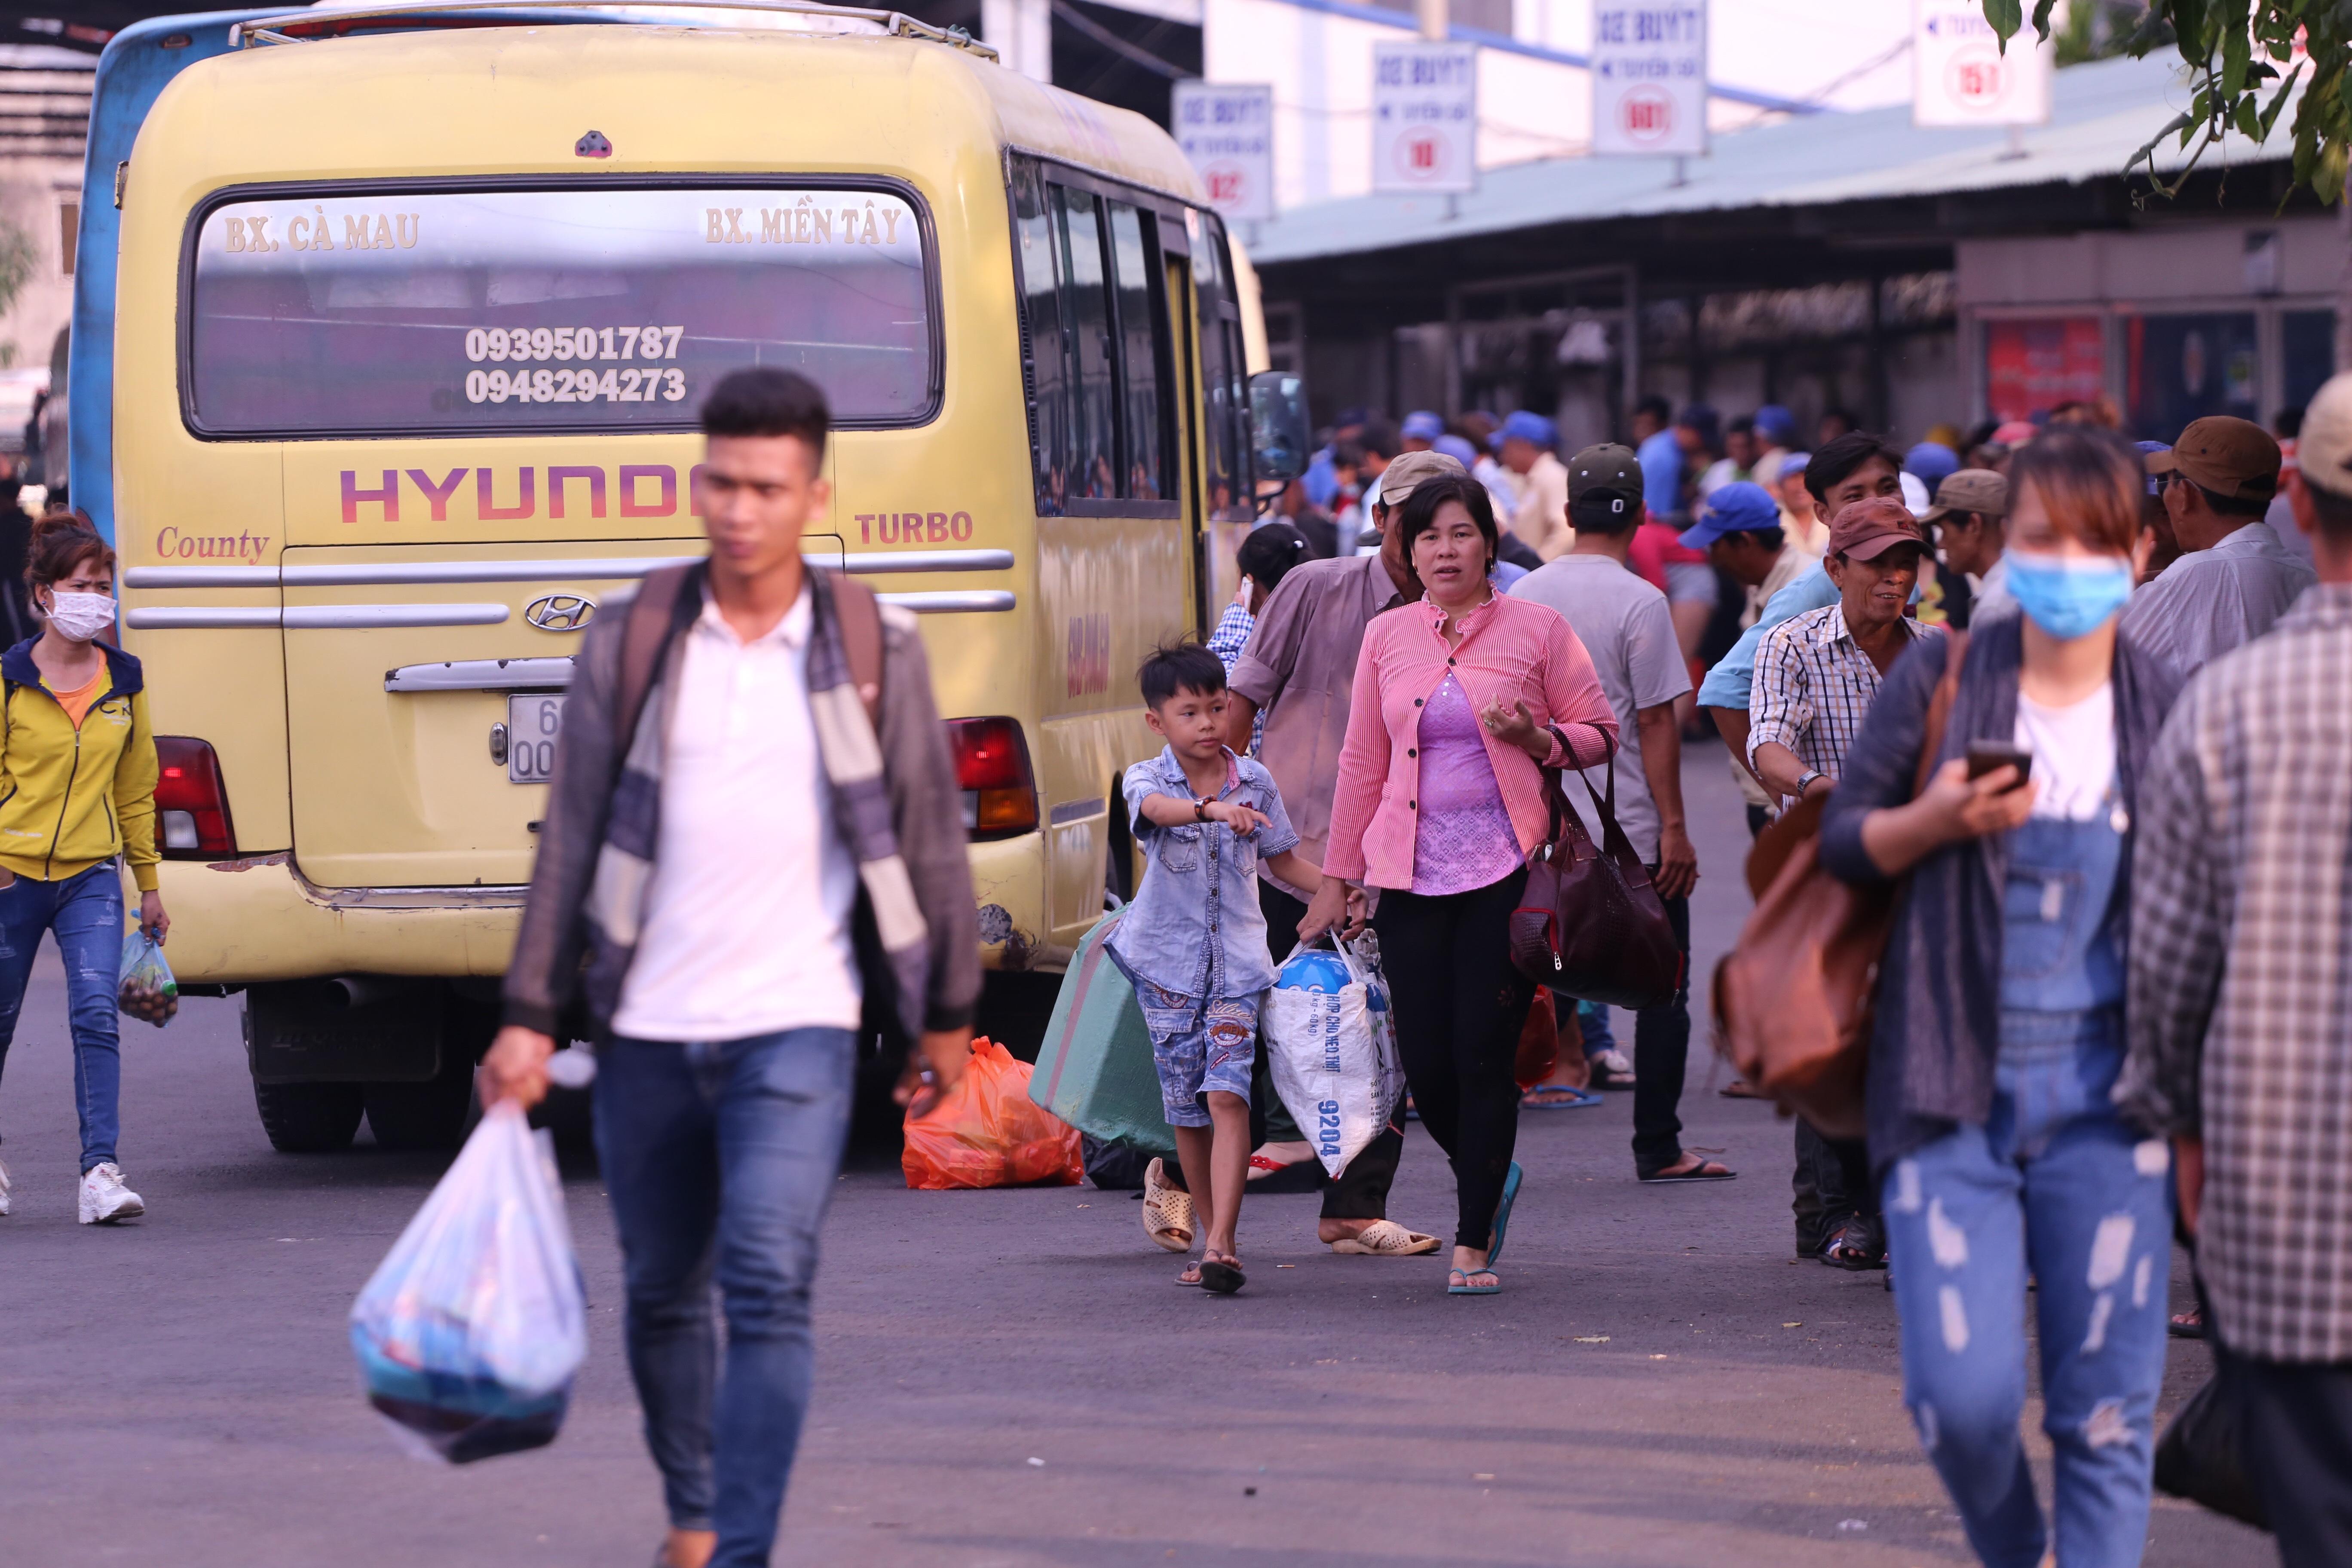 Kết thúc kỳ nghỉ lễ, người dân lỉnh kỉnh đồ đạc, mang theo trẻ nhỏ ùn ùn trở lại Hà Nội và Sài Gòn - Ảnh 26.